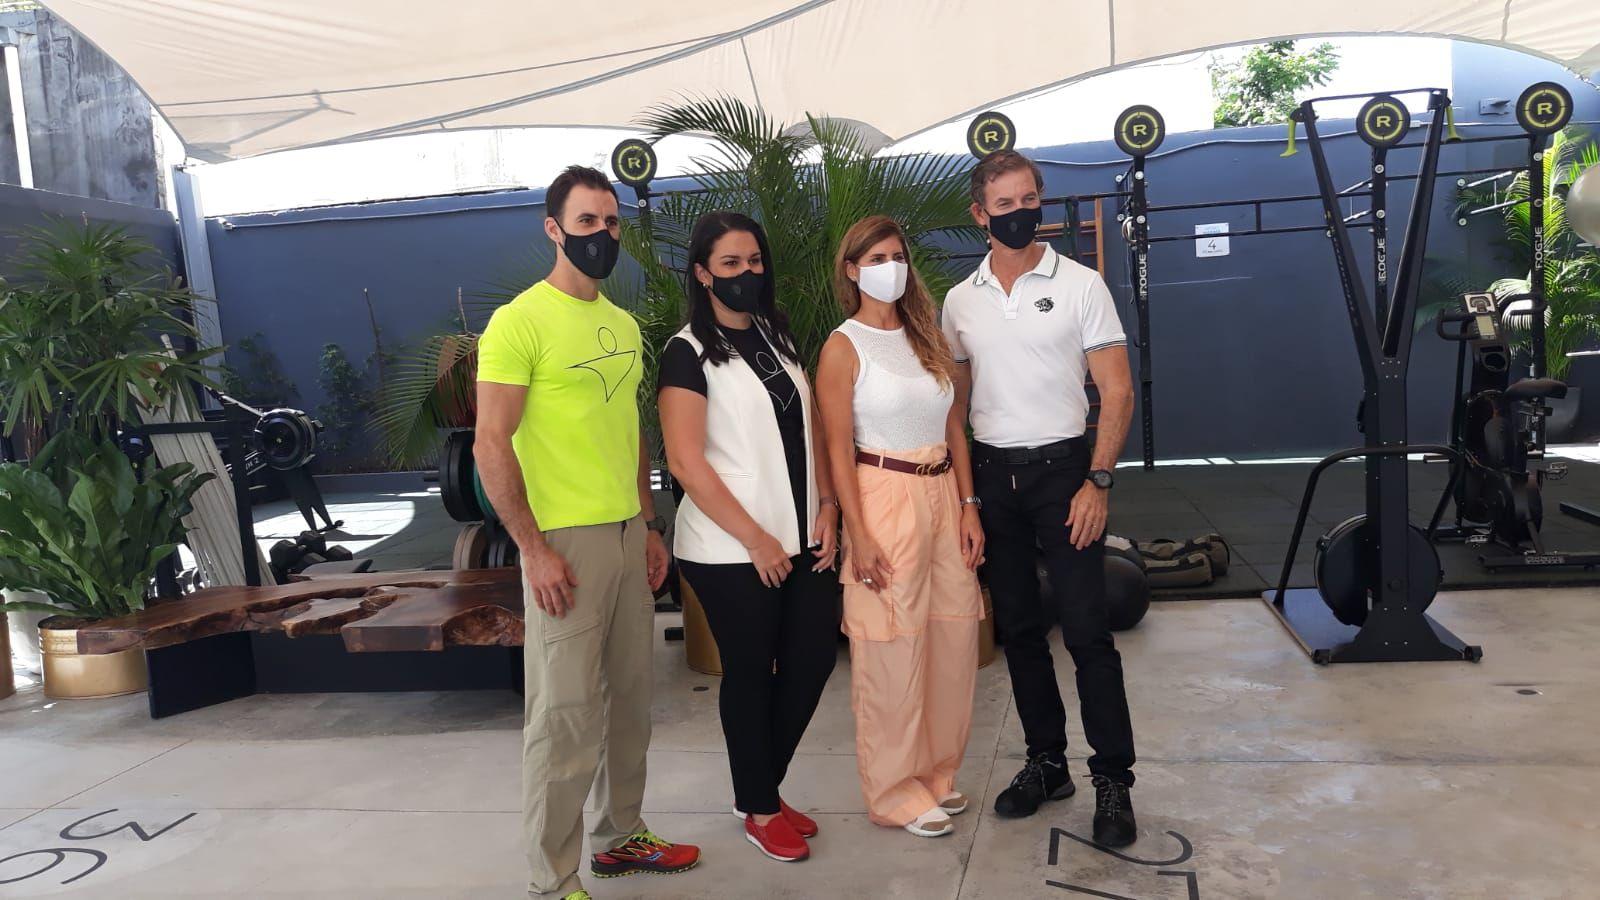 <p>Club Body Shop inaugura espacios al aire libre para el entrenamiento seguro</p>